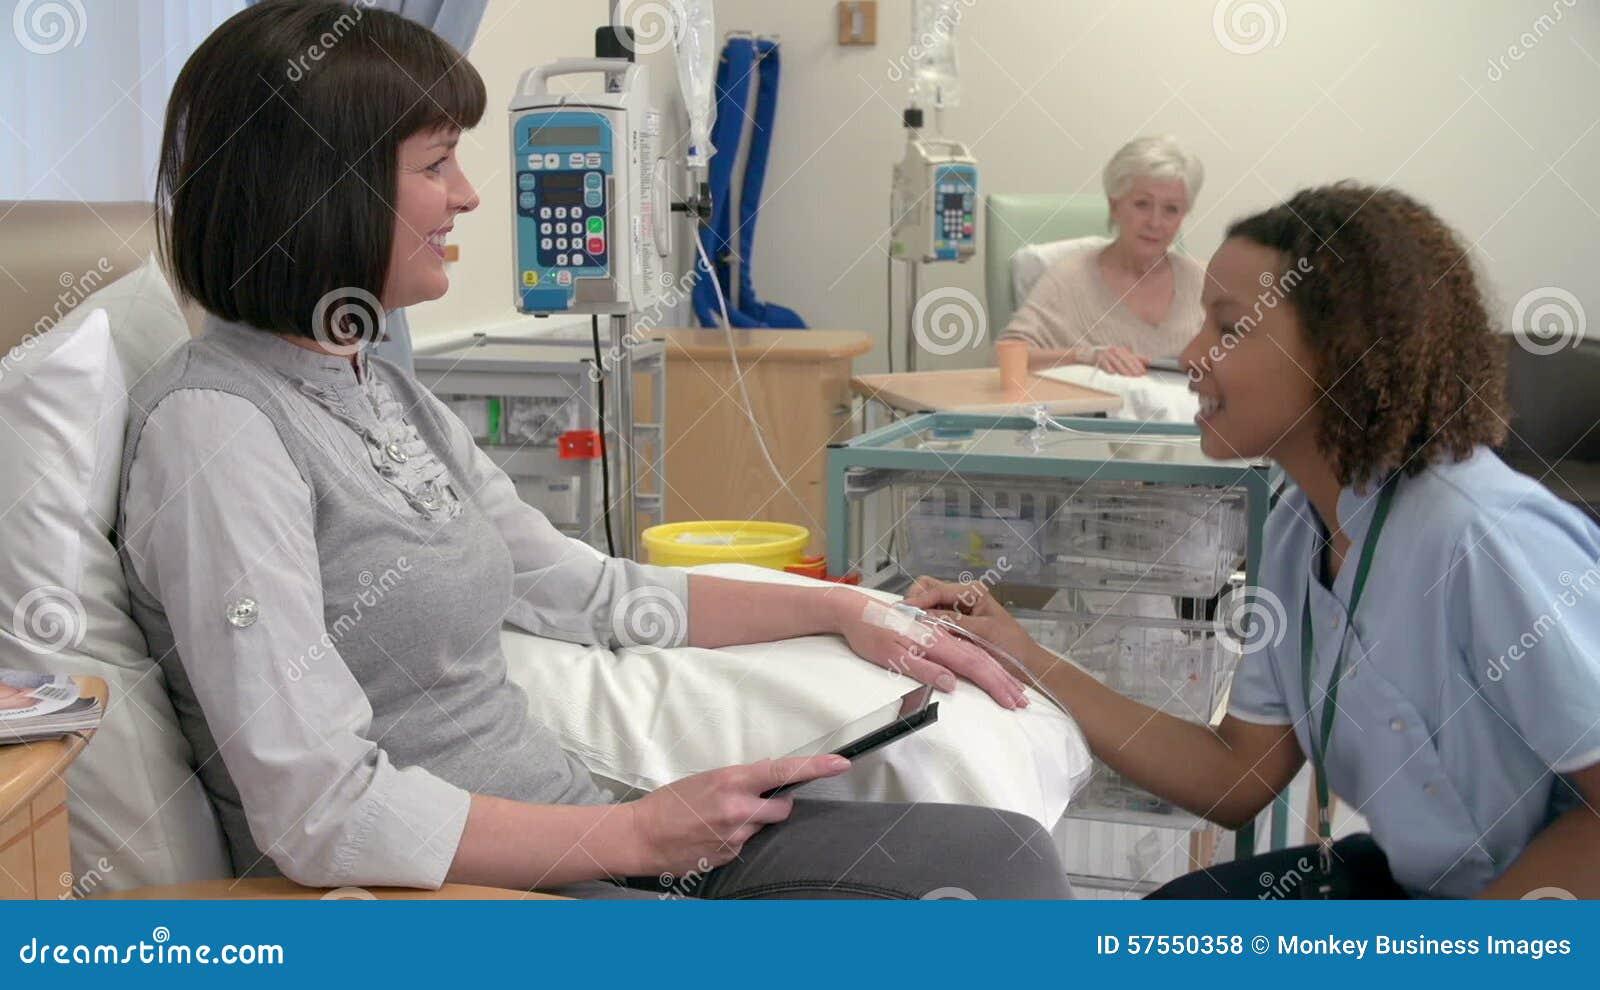 Русские медсестры берут сперму на анализы, Врачиха показывает как надо брать анализ спермы - 856 25 фотография